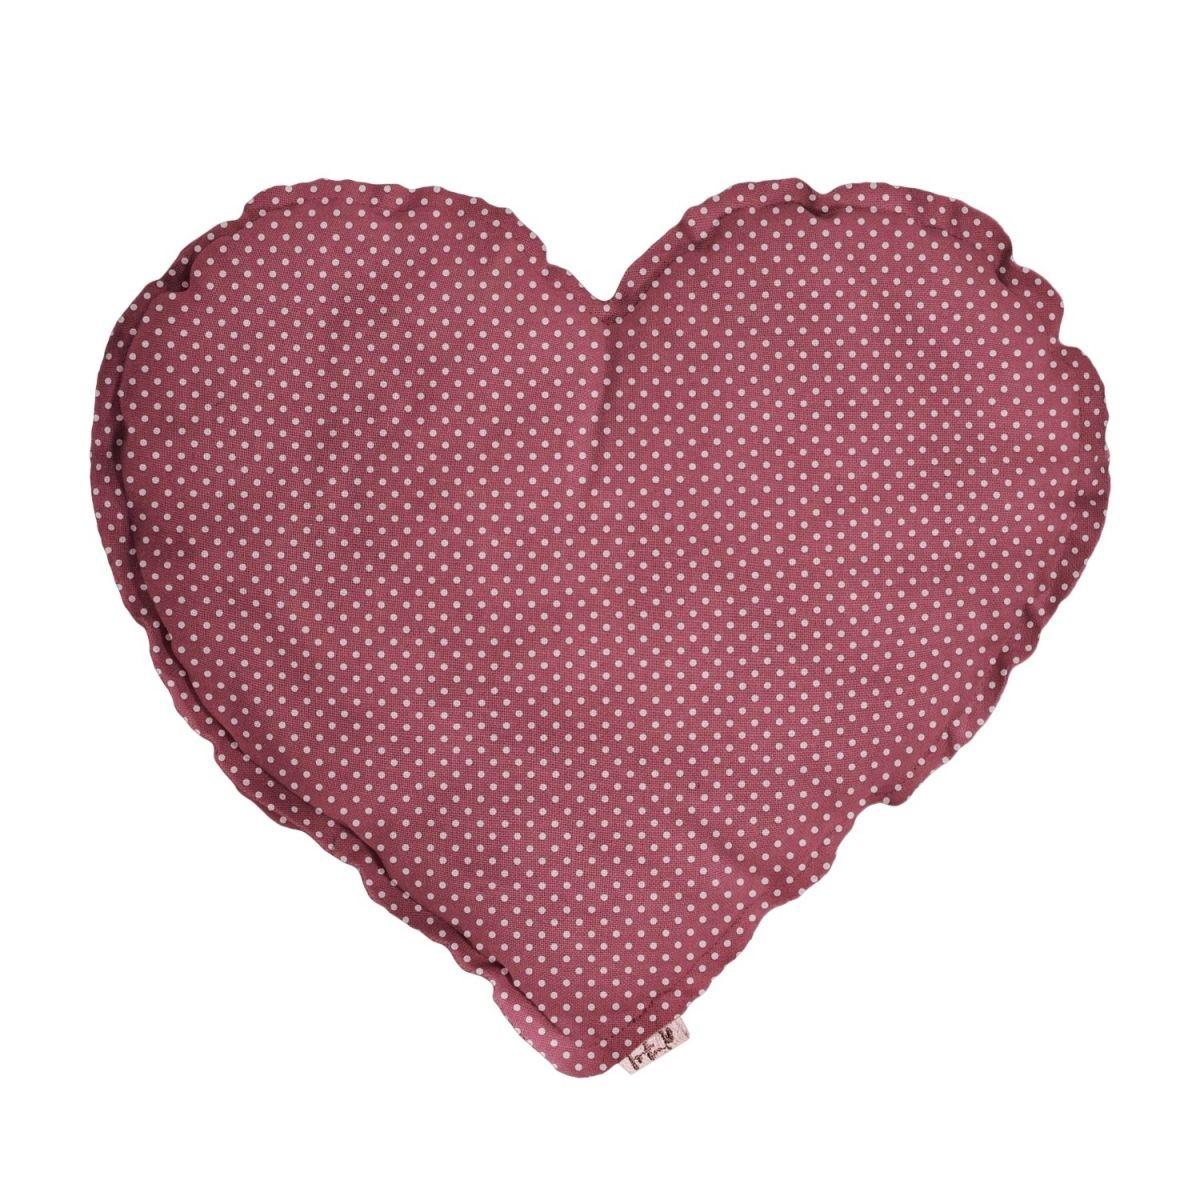 Poduszka Serce różowa w białe kropki - Numero 74